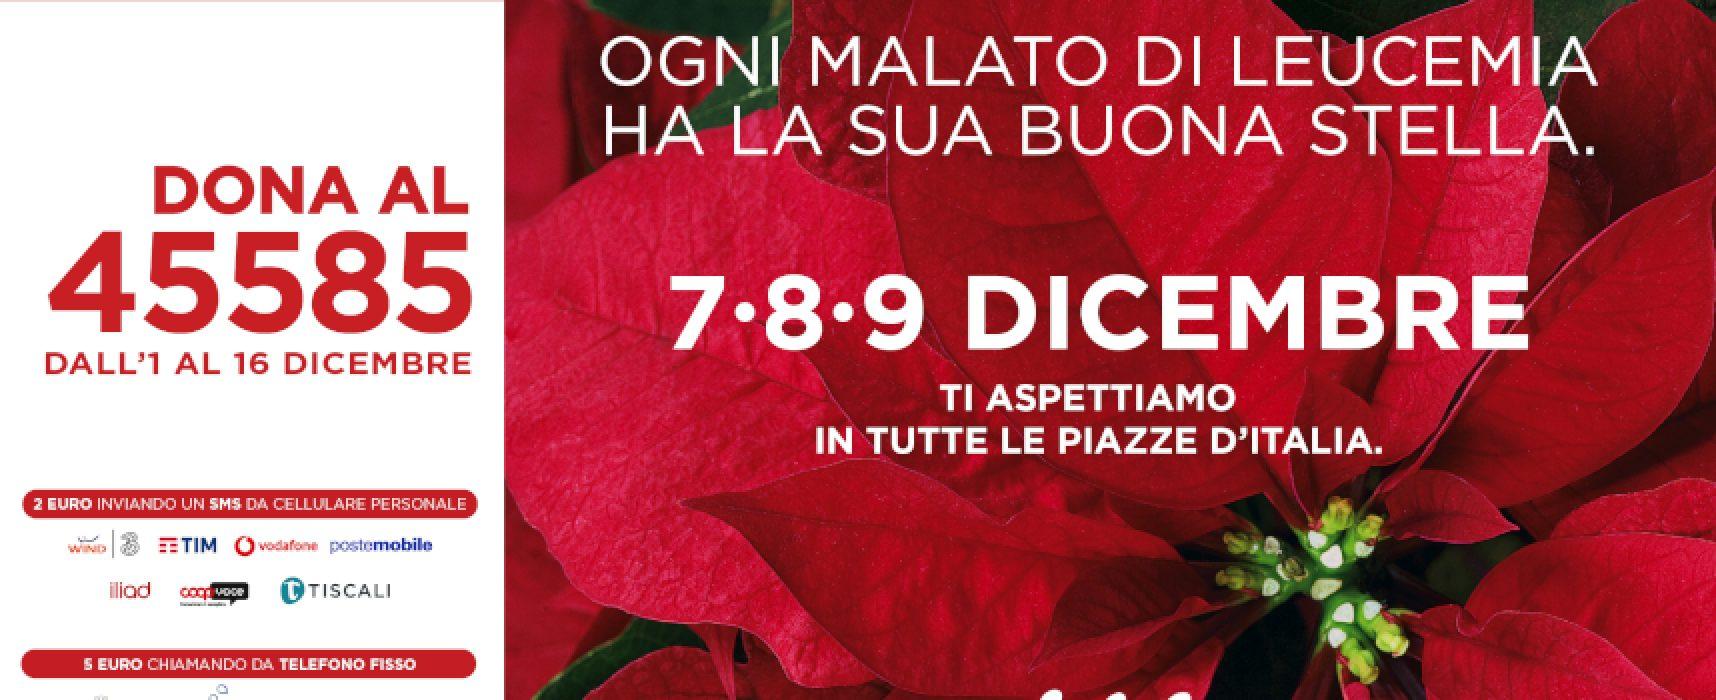 """Ail in piazza a Bisceglie per la vendita della """"buona stella"""" di Natale"""